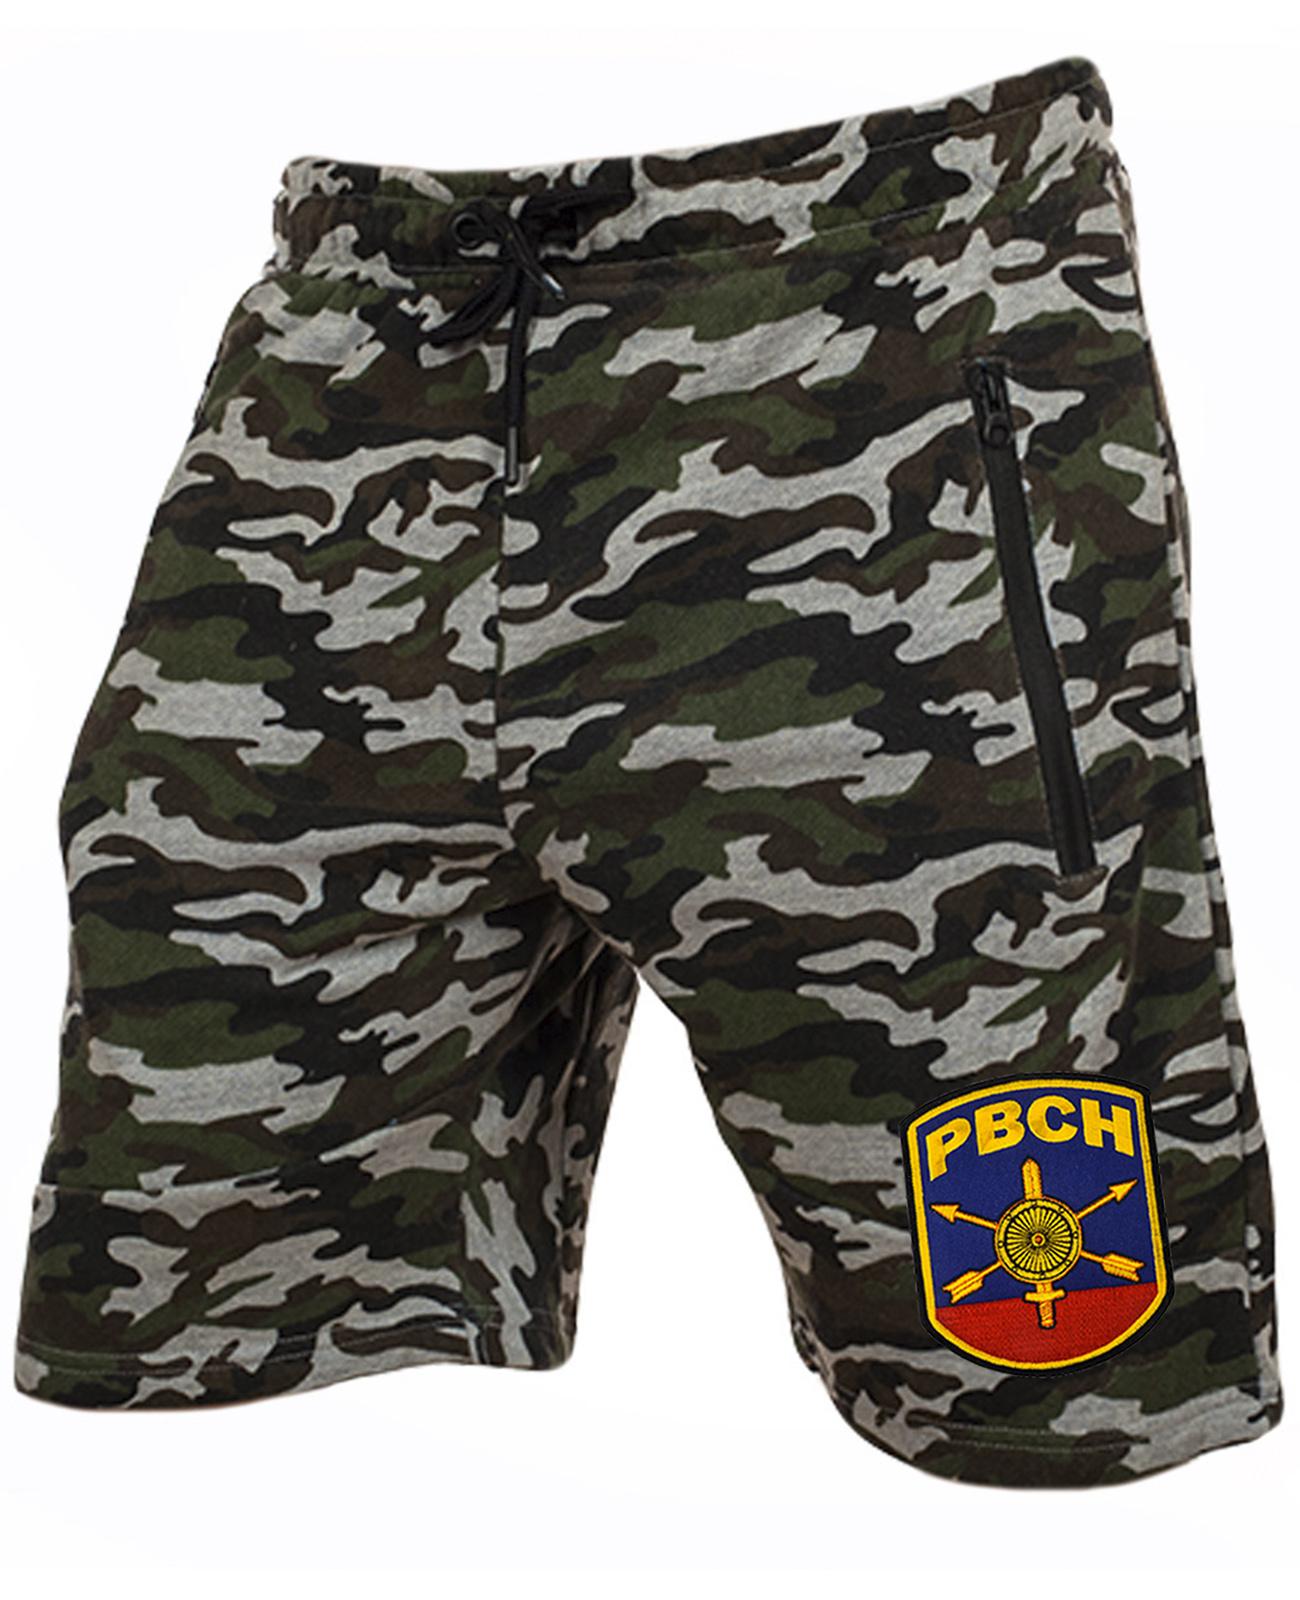 Мужские армейские шорты с нашивкой РВСН